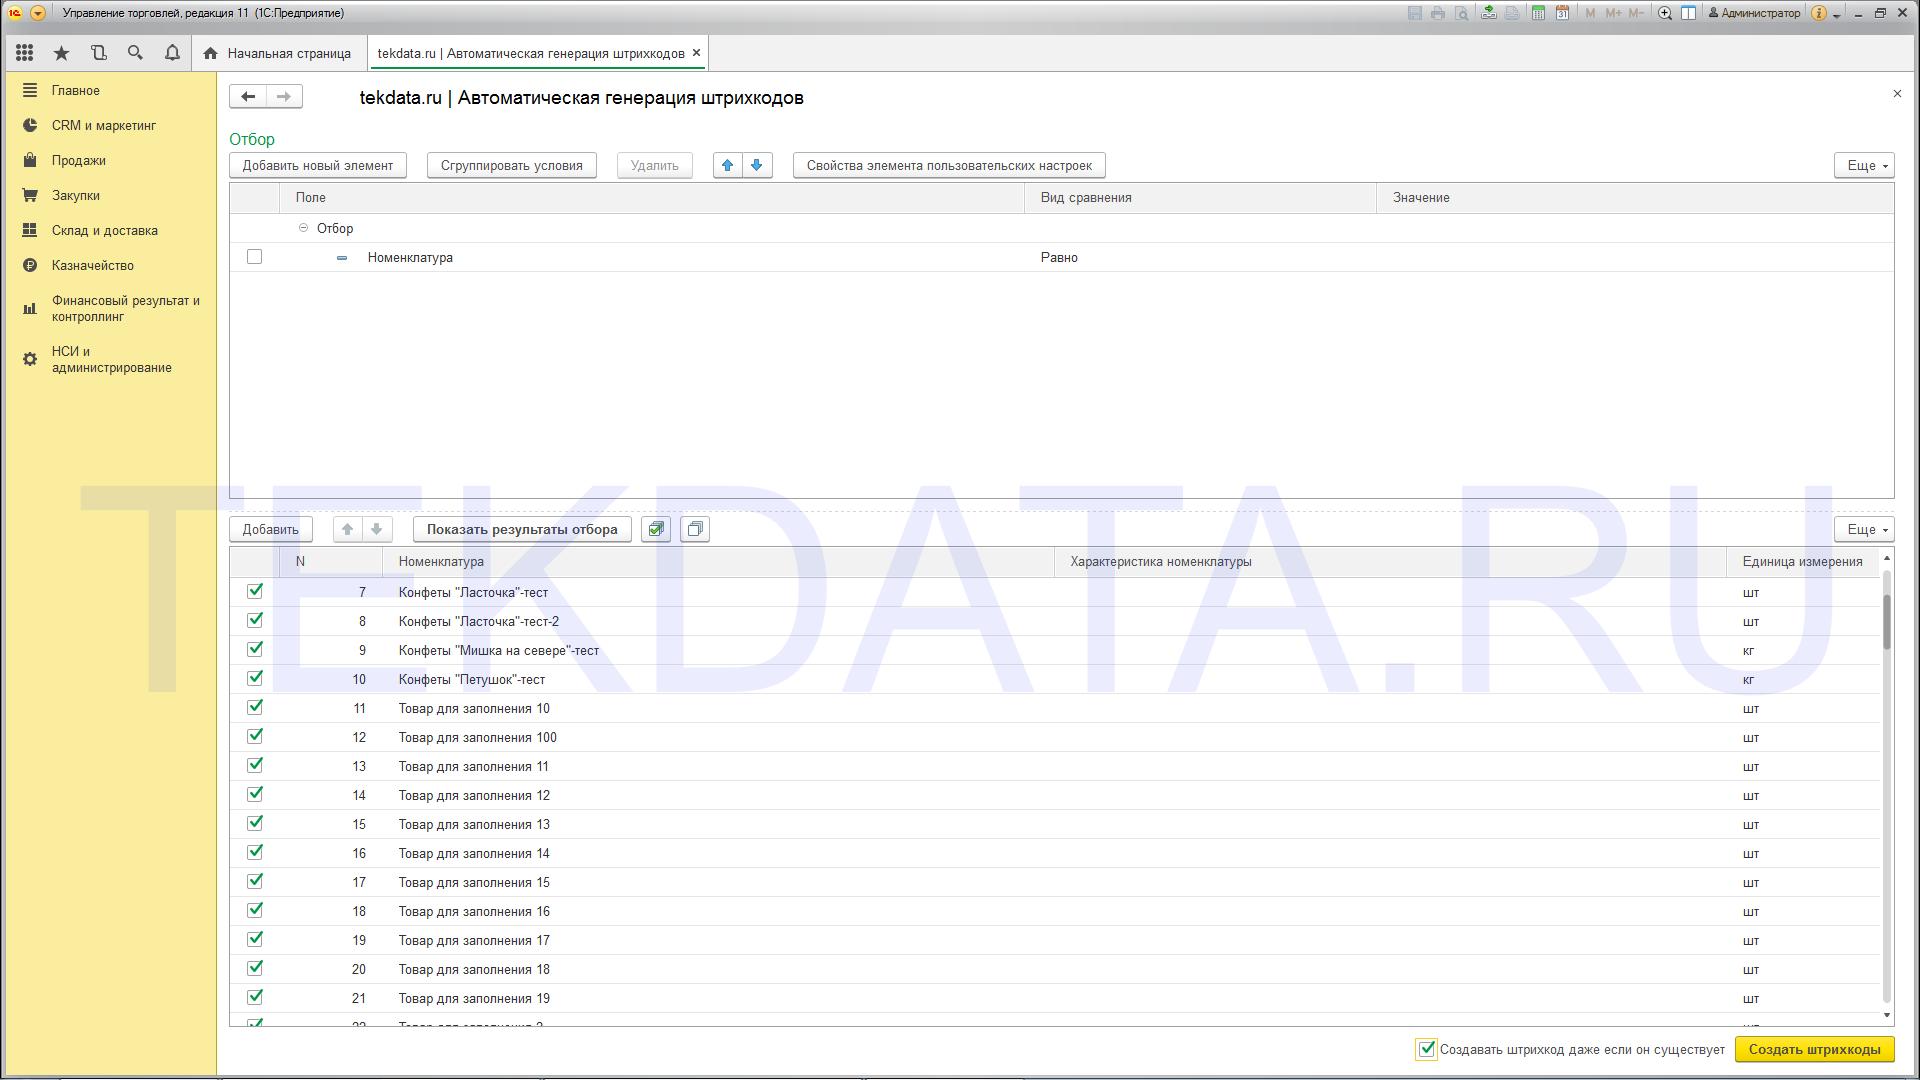 Автоматическая генерация штрихкодов для 1С:Управление торговлей 11.4 (Внешняя обработка)